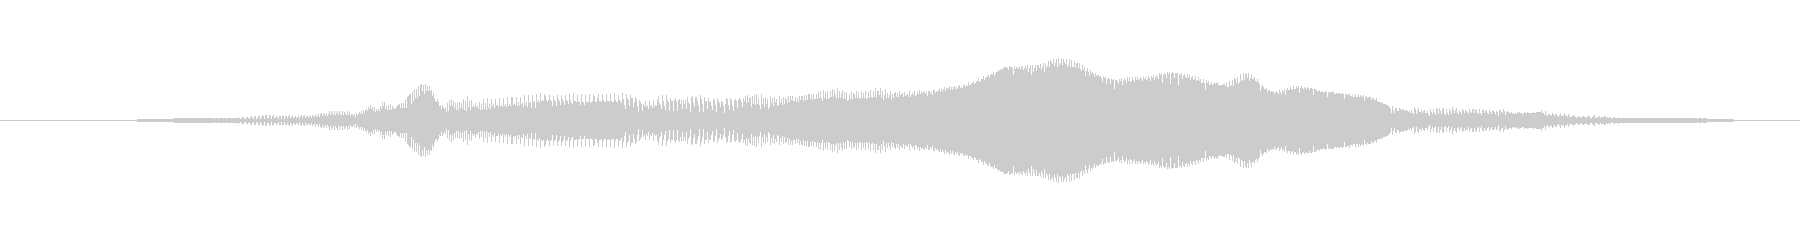 鳴き声 女性の応援はい07の未再生の波形